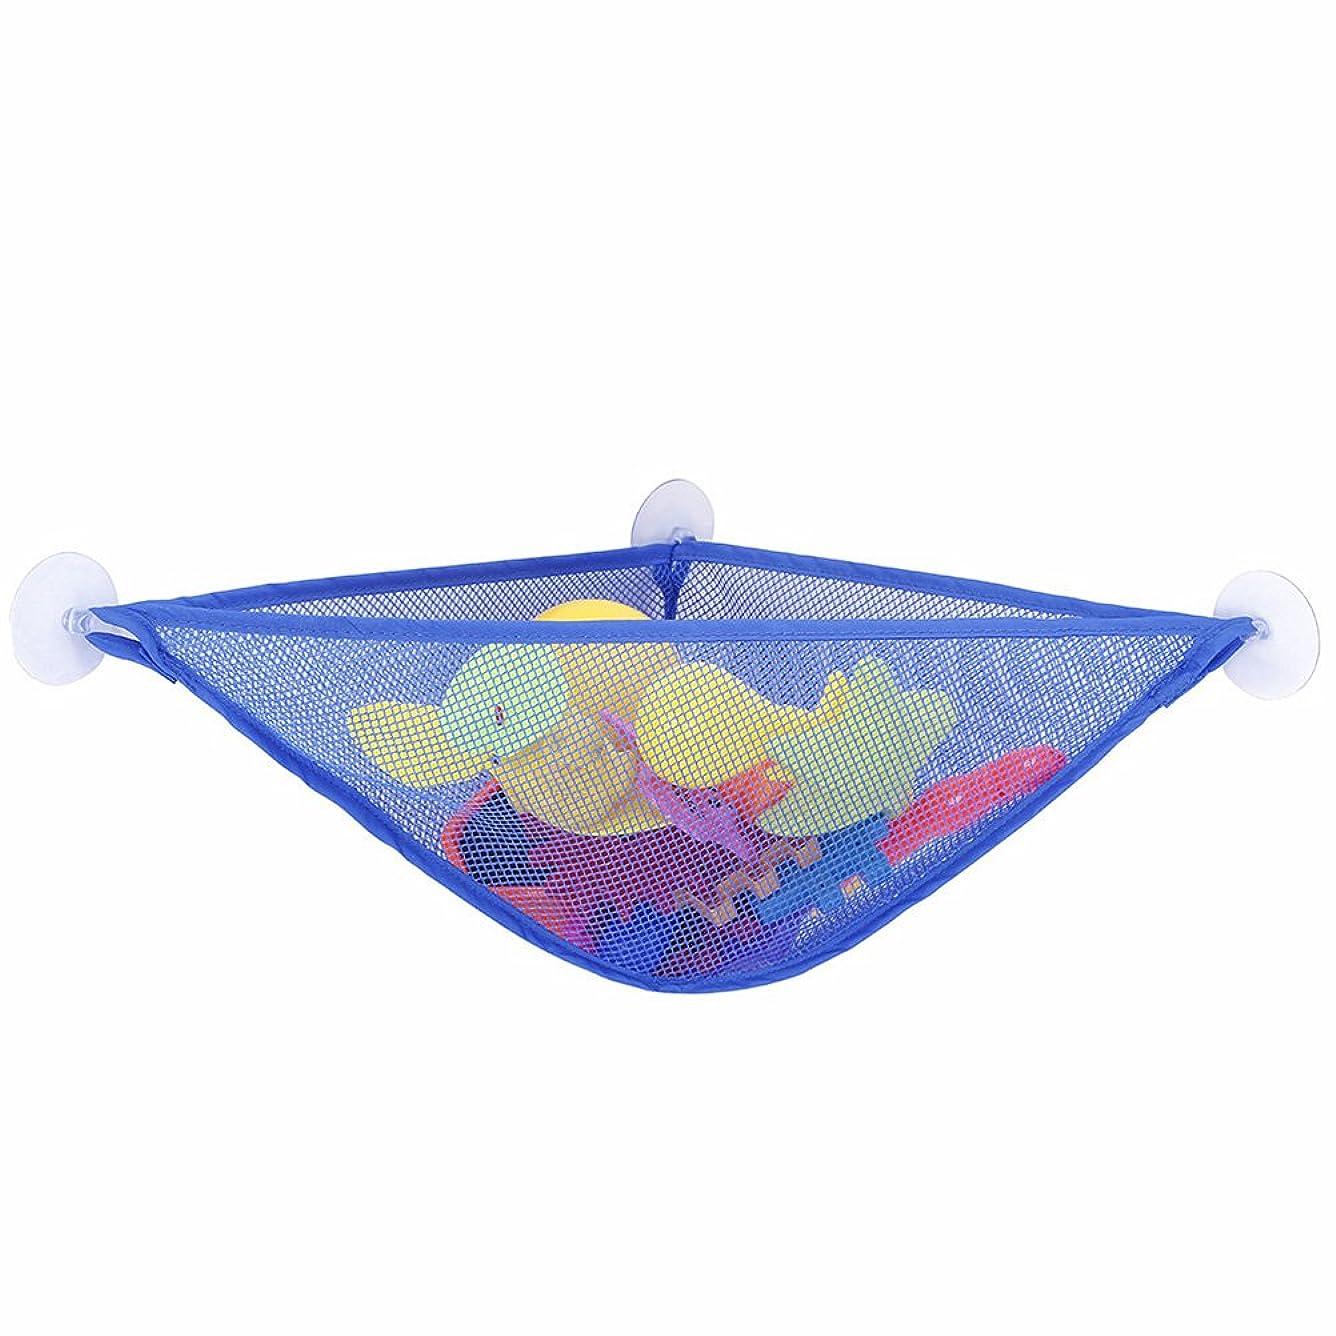 宝毎年謎OUNONA おもちゃハンモック 玩具収納ネット お風呂 室内 ヌイグルミ 人形 帽子 ボール 収納用ネット 吊り下げ型 吸盘式 多用途 オシャレ(青)